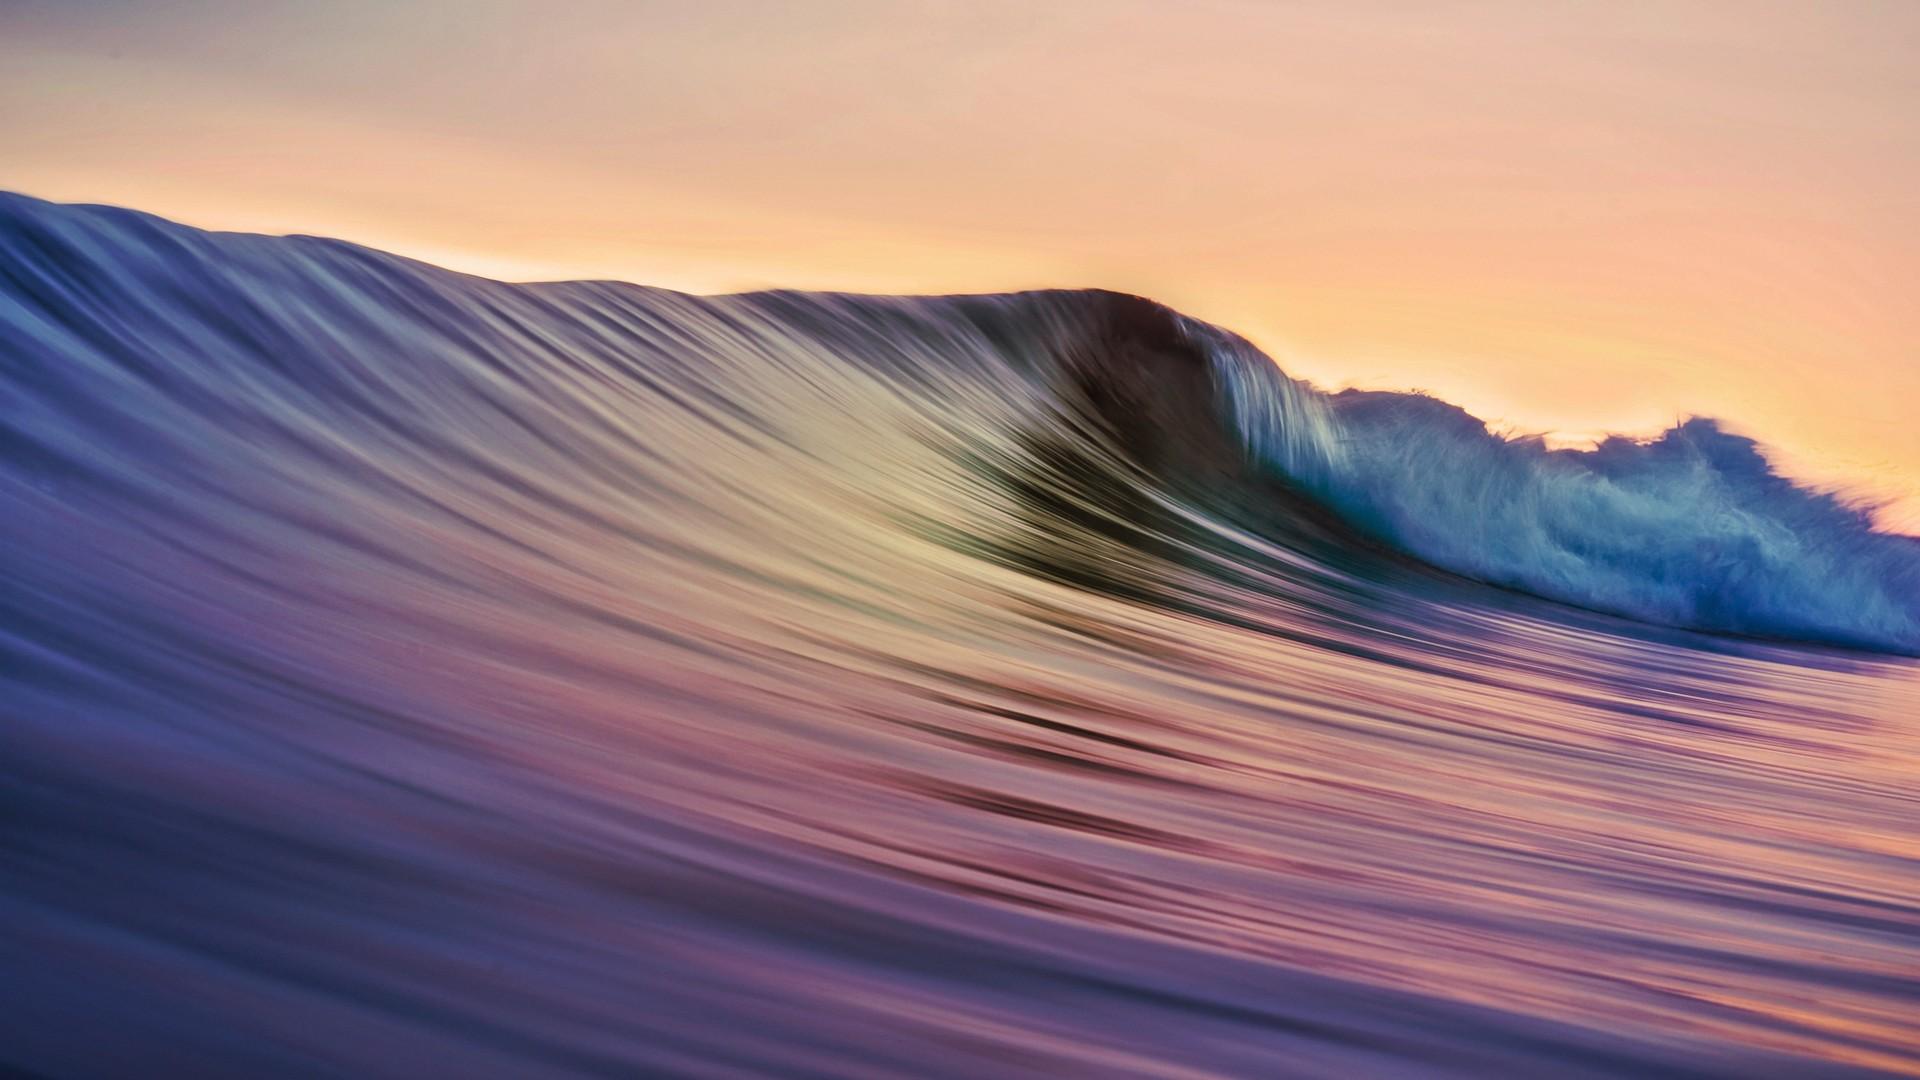 Hình nền sóng nước đẹp